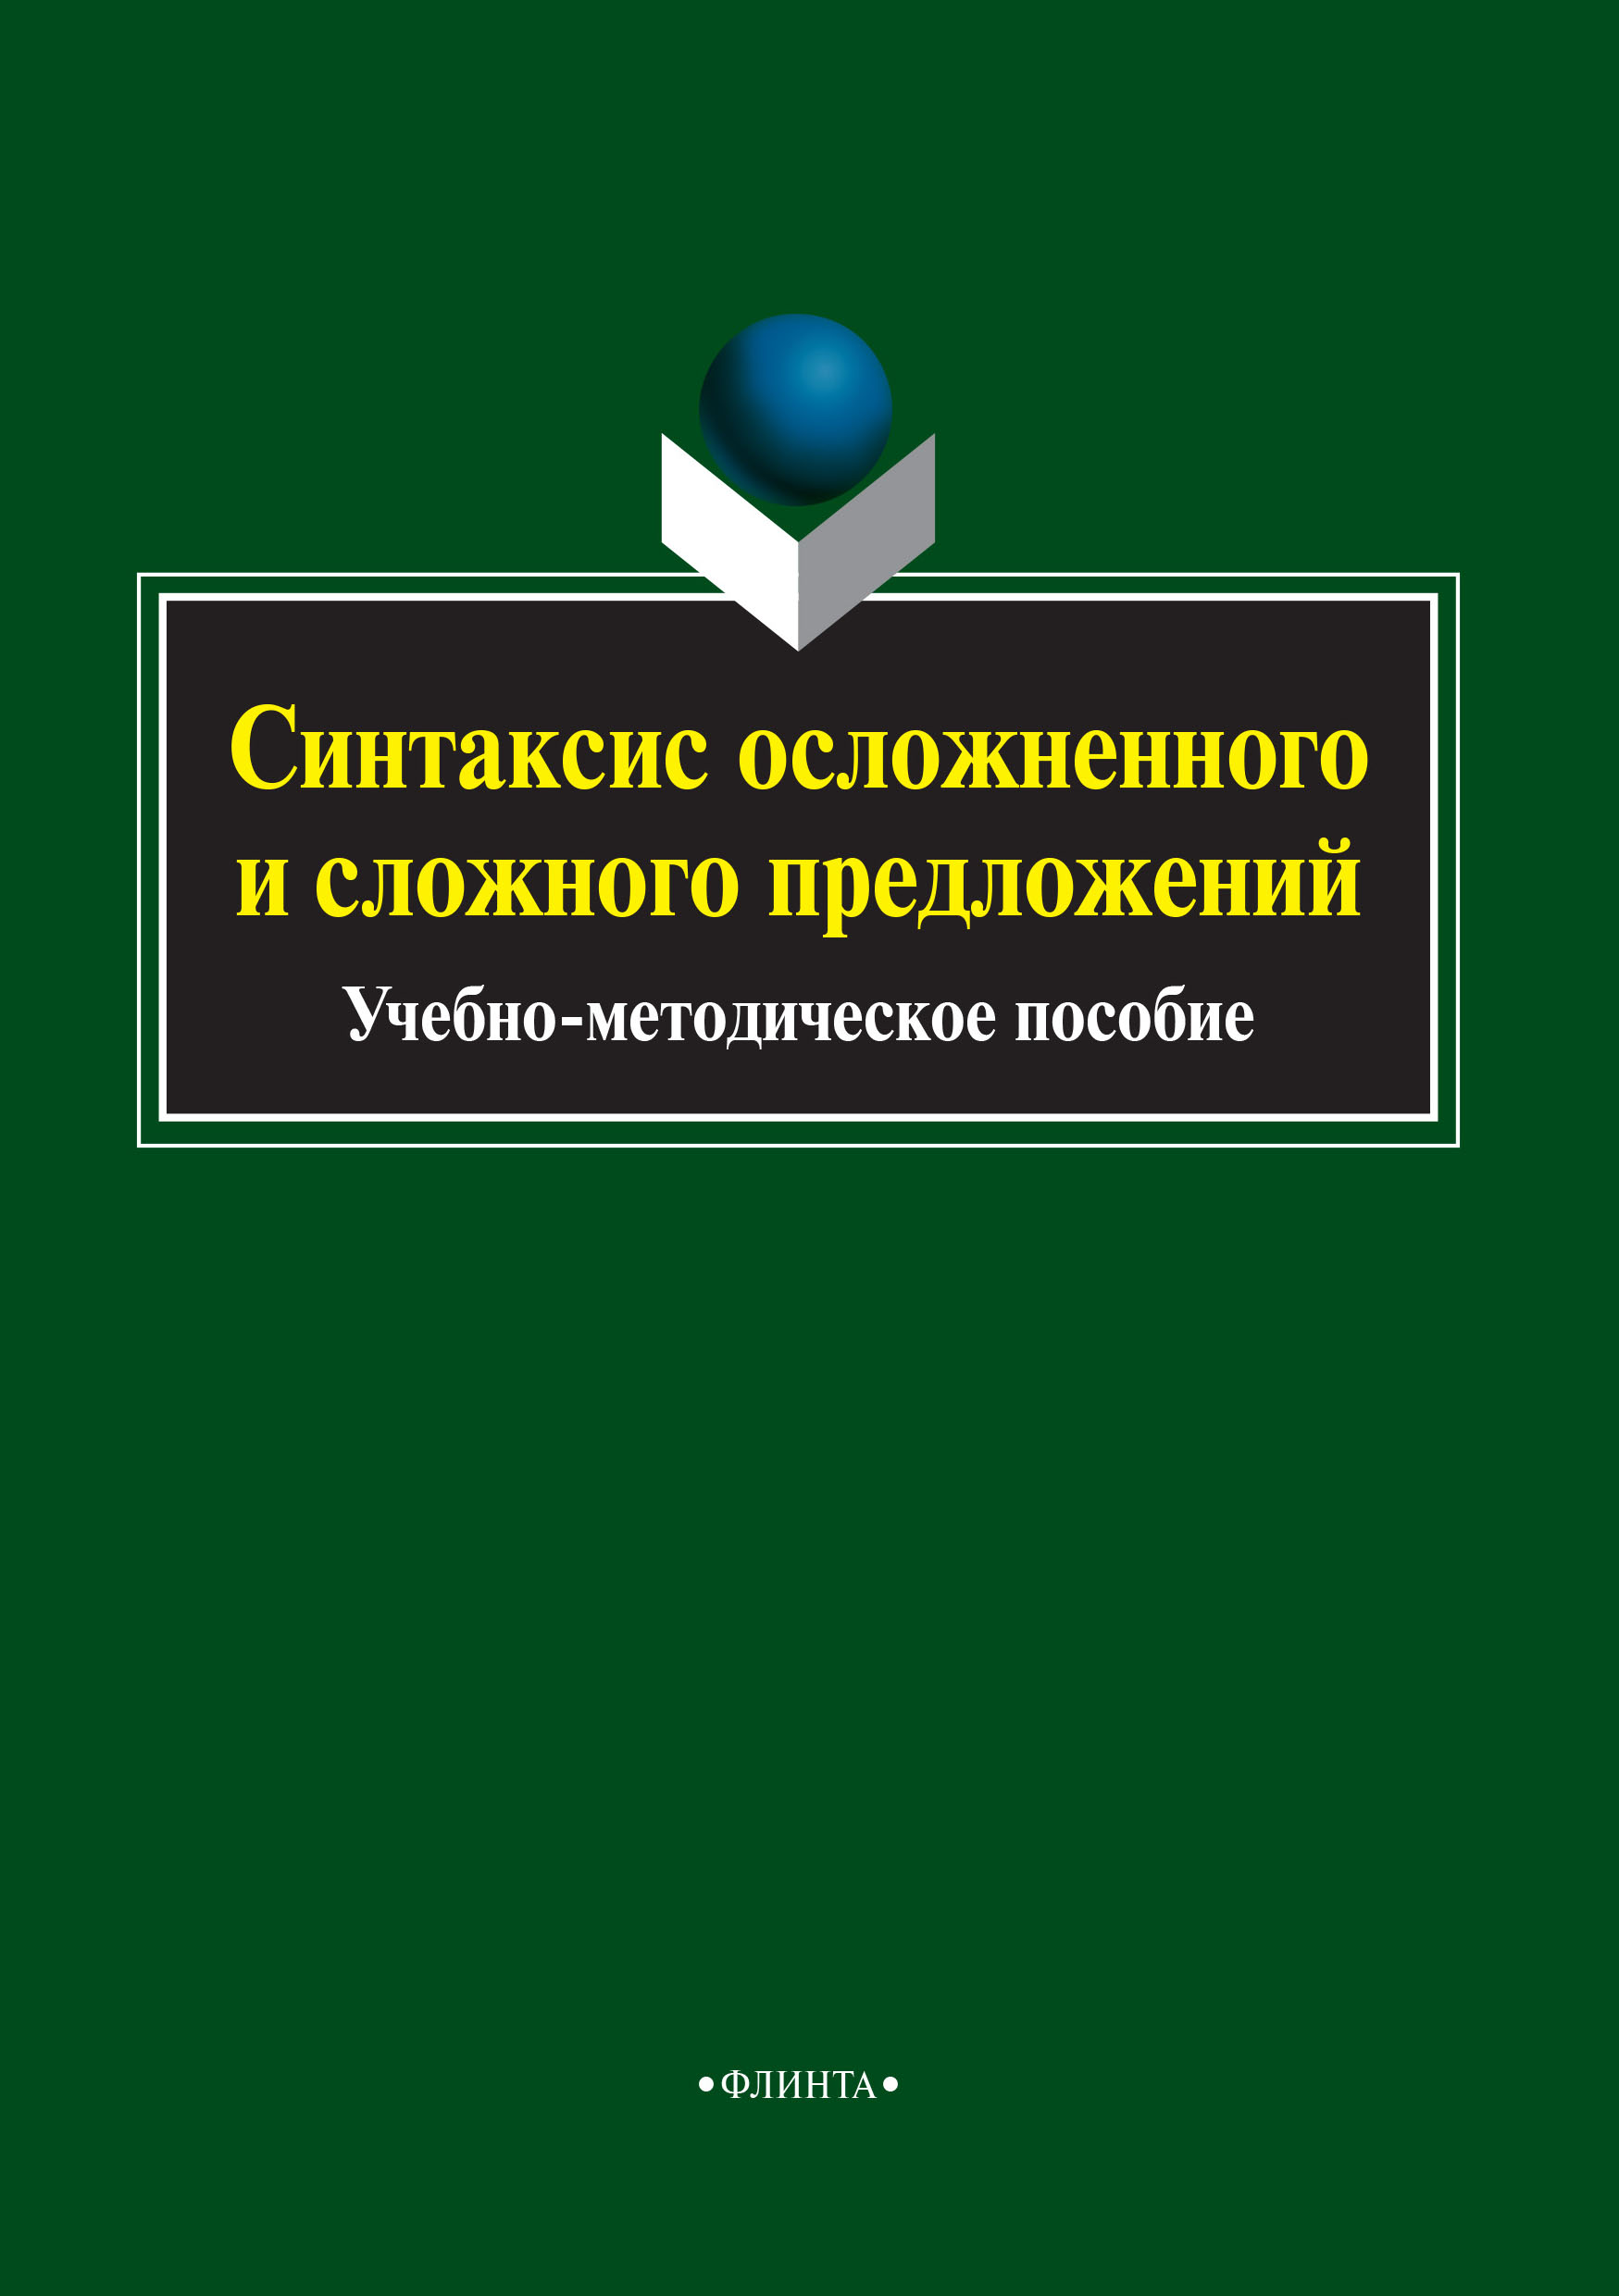 Отсутствует Синтаксис осложненного и сложного предложений тошович бранко экспрессивный синтаксис глагола русского и сербского хорватского языков